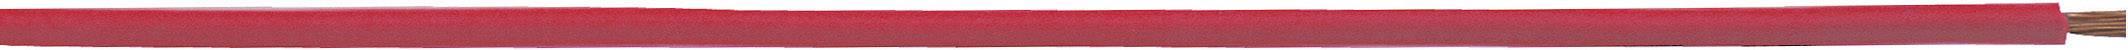 Opletenie / lanko LappKabel 4510122 H05V-K, 1 x 0.75 mm², vonkajší Ø 2.40 mm, 100 m, zelená